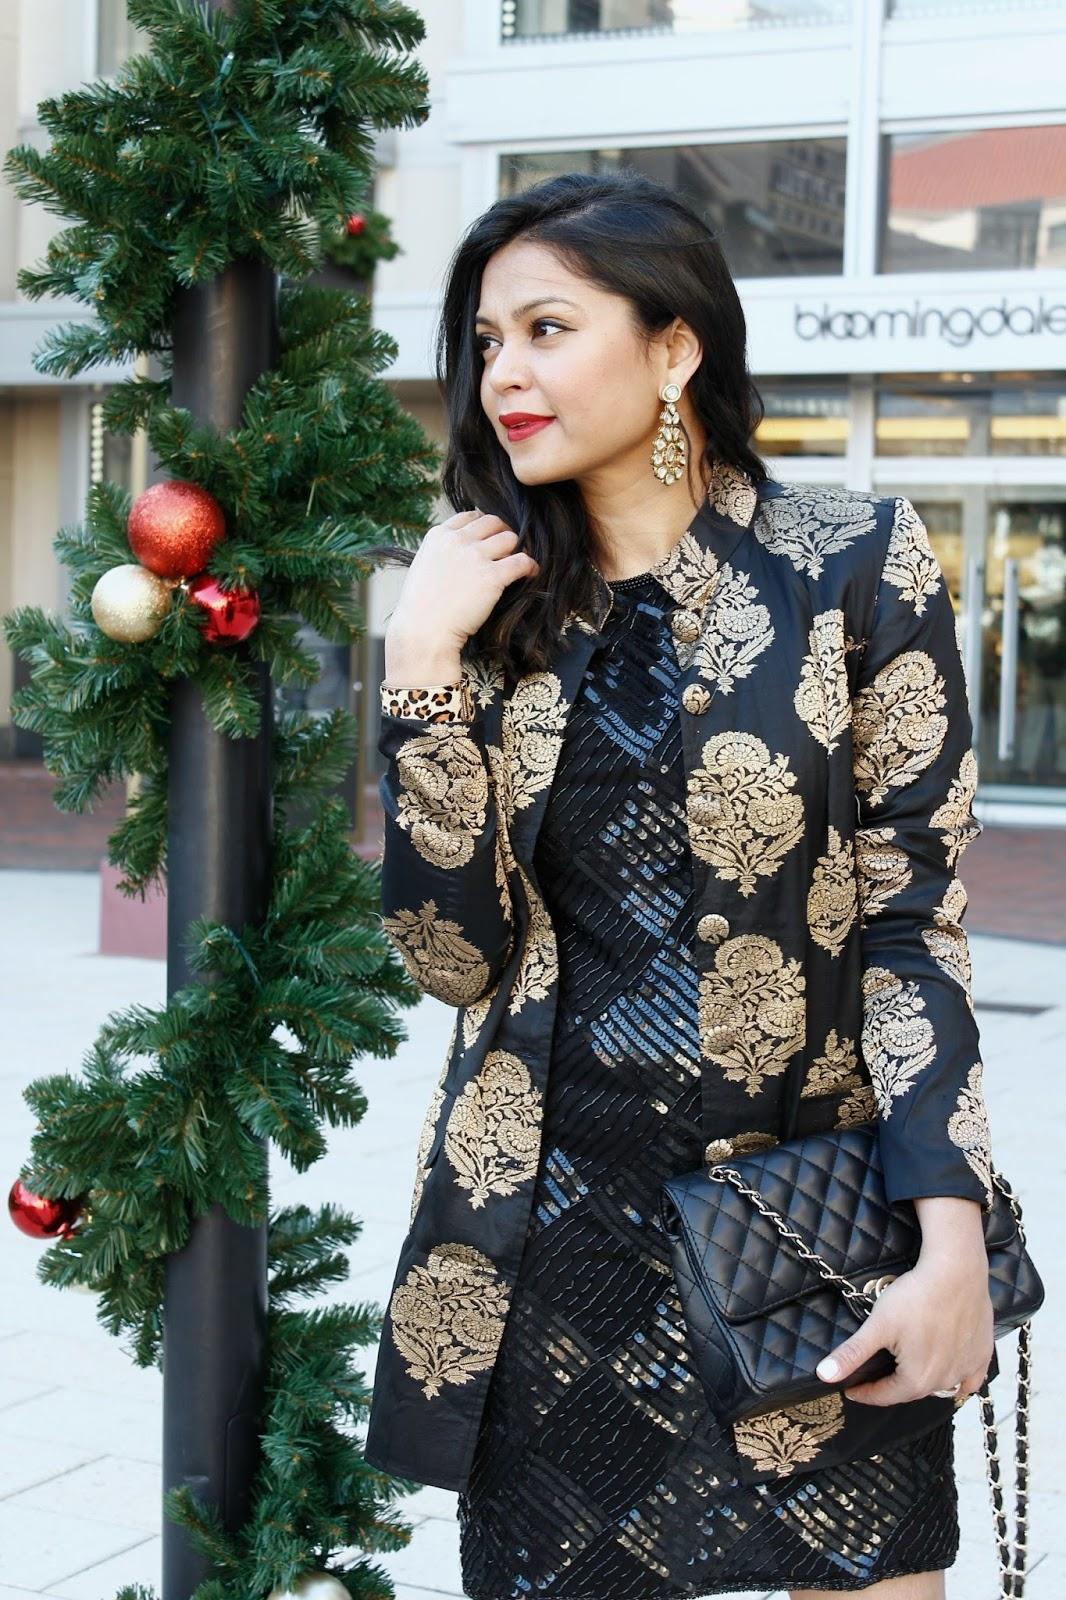 sequin. brocade, red heels, chanel bag